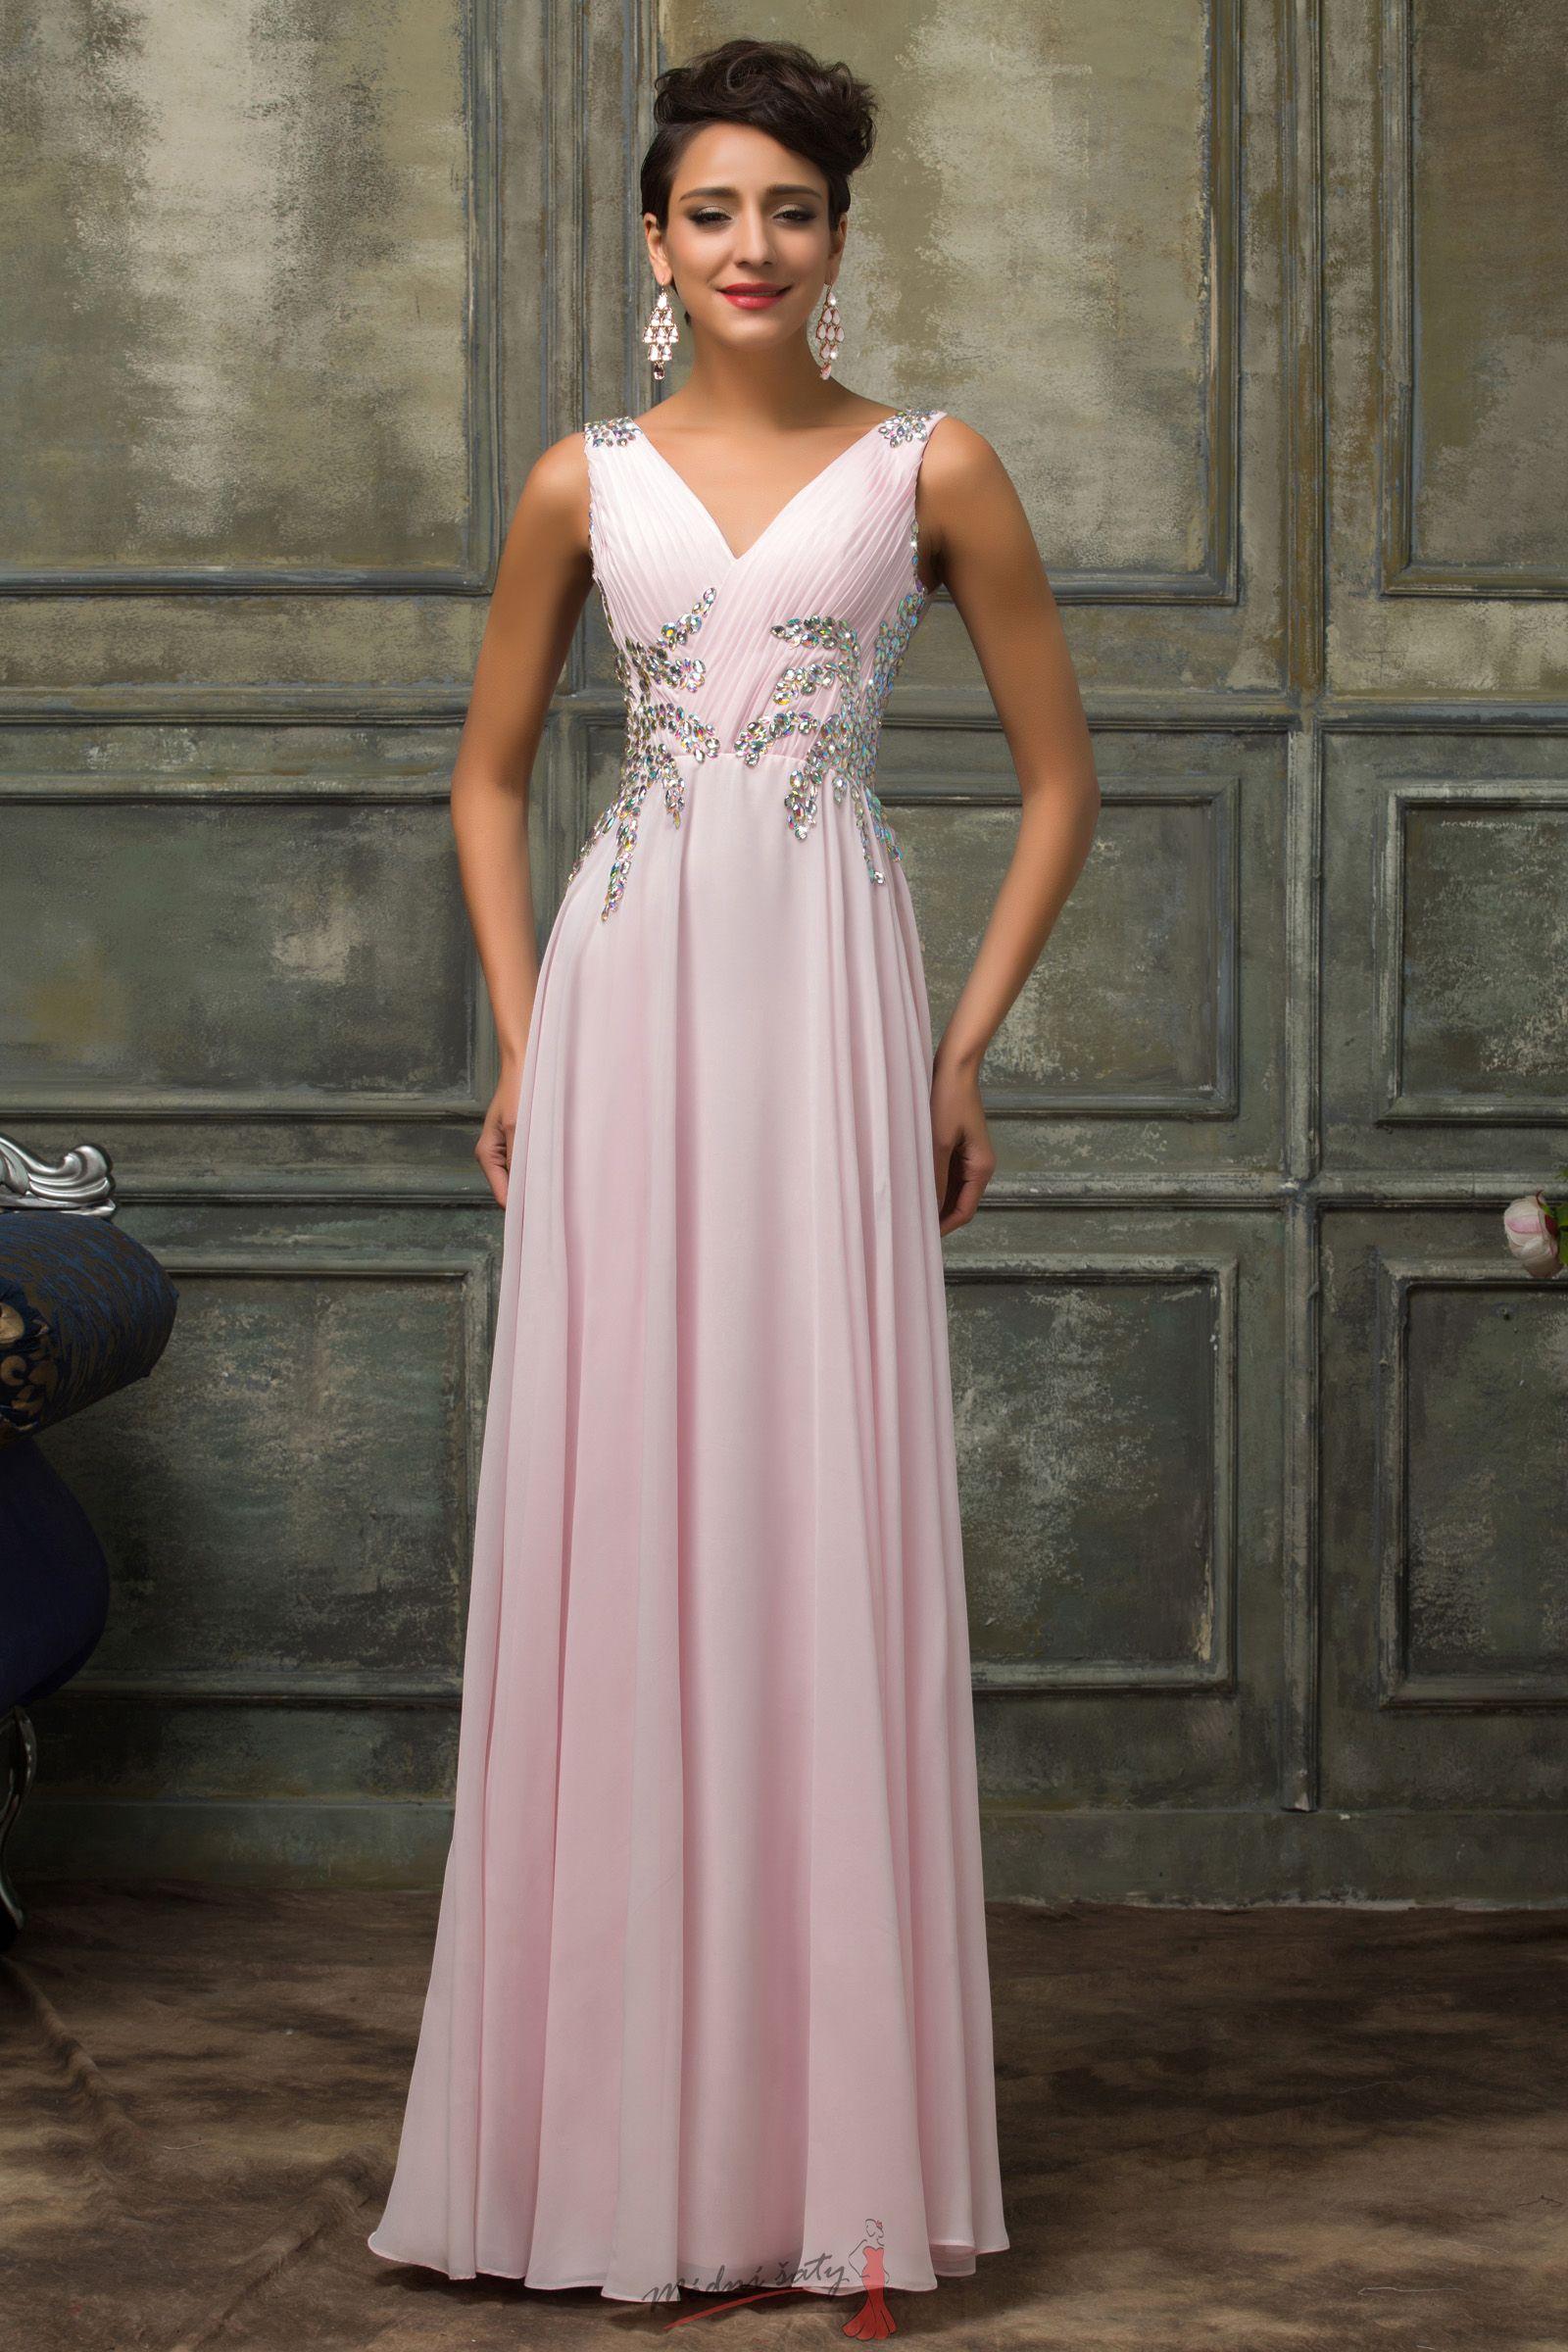 2200fcc949e4 Plesové šaty s holými zády - více barev